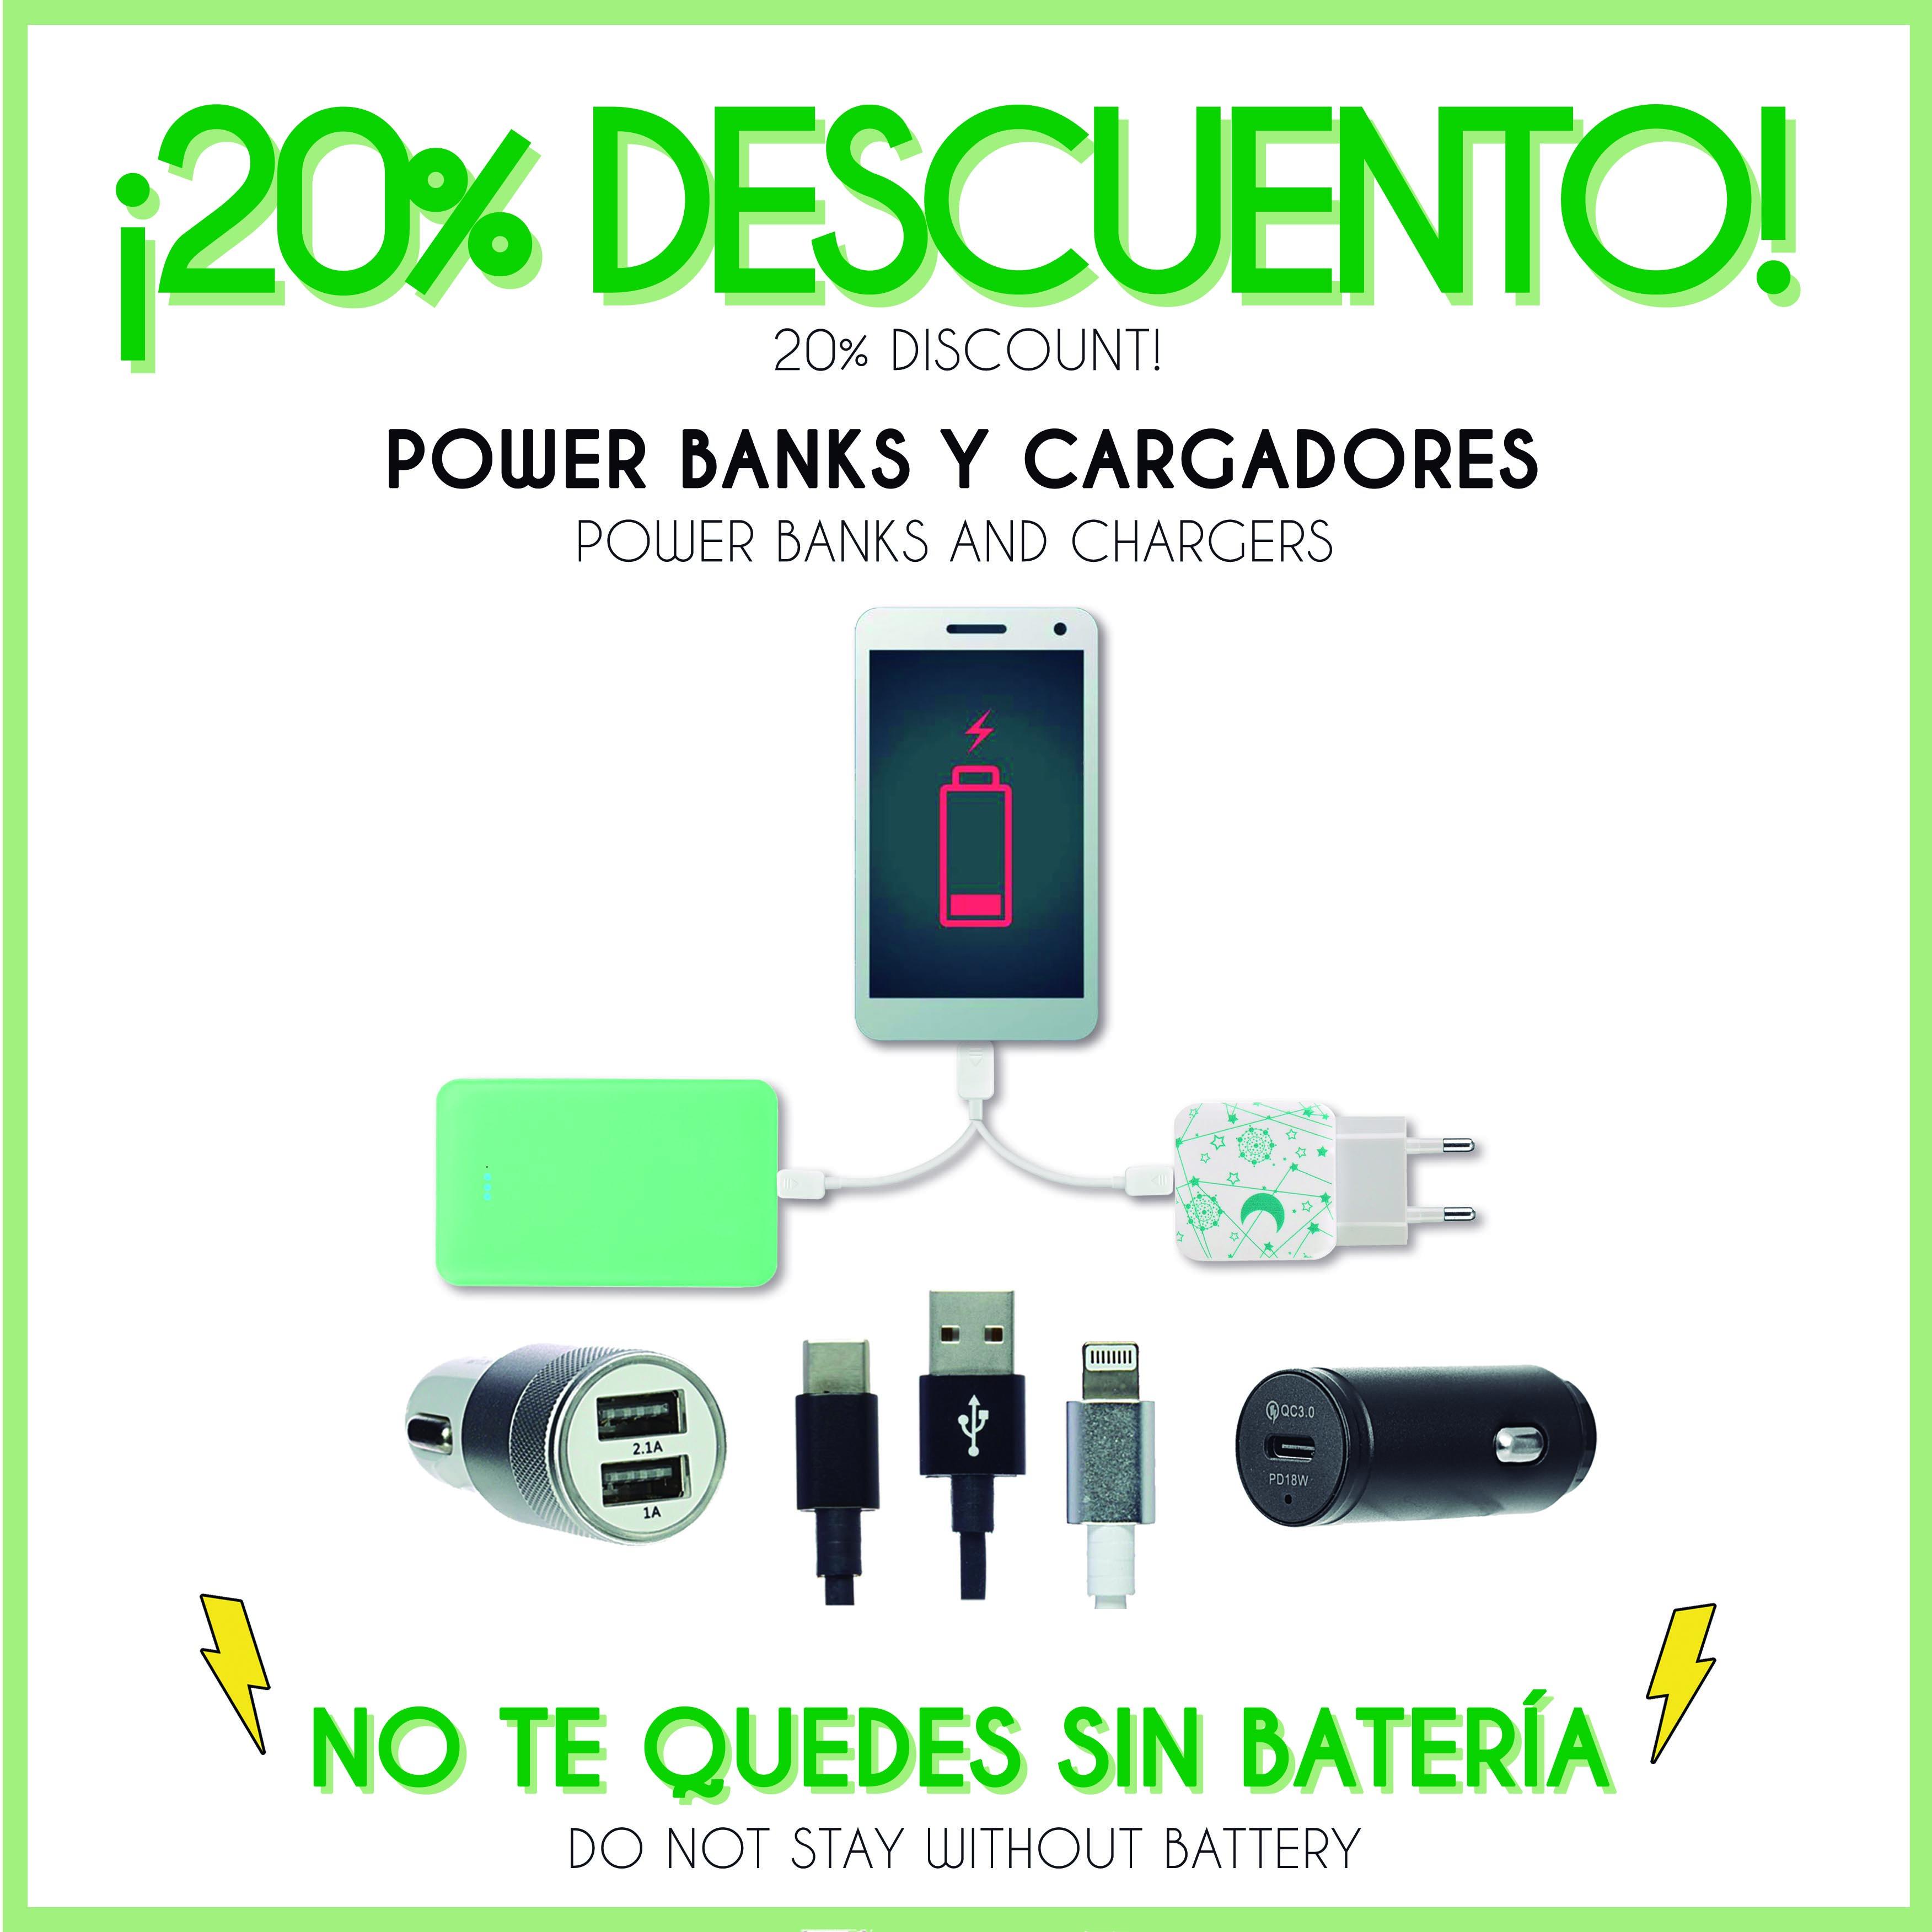 Ofertas la Casa de las Carcasas, Centro Comercial la Verónica